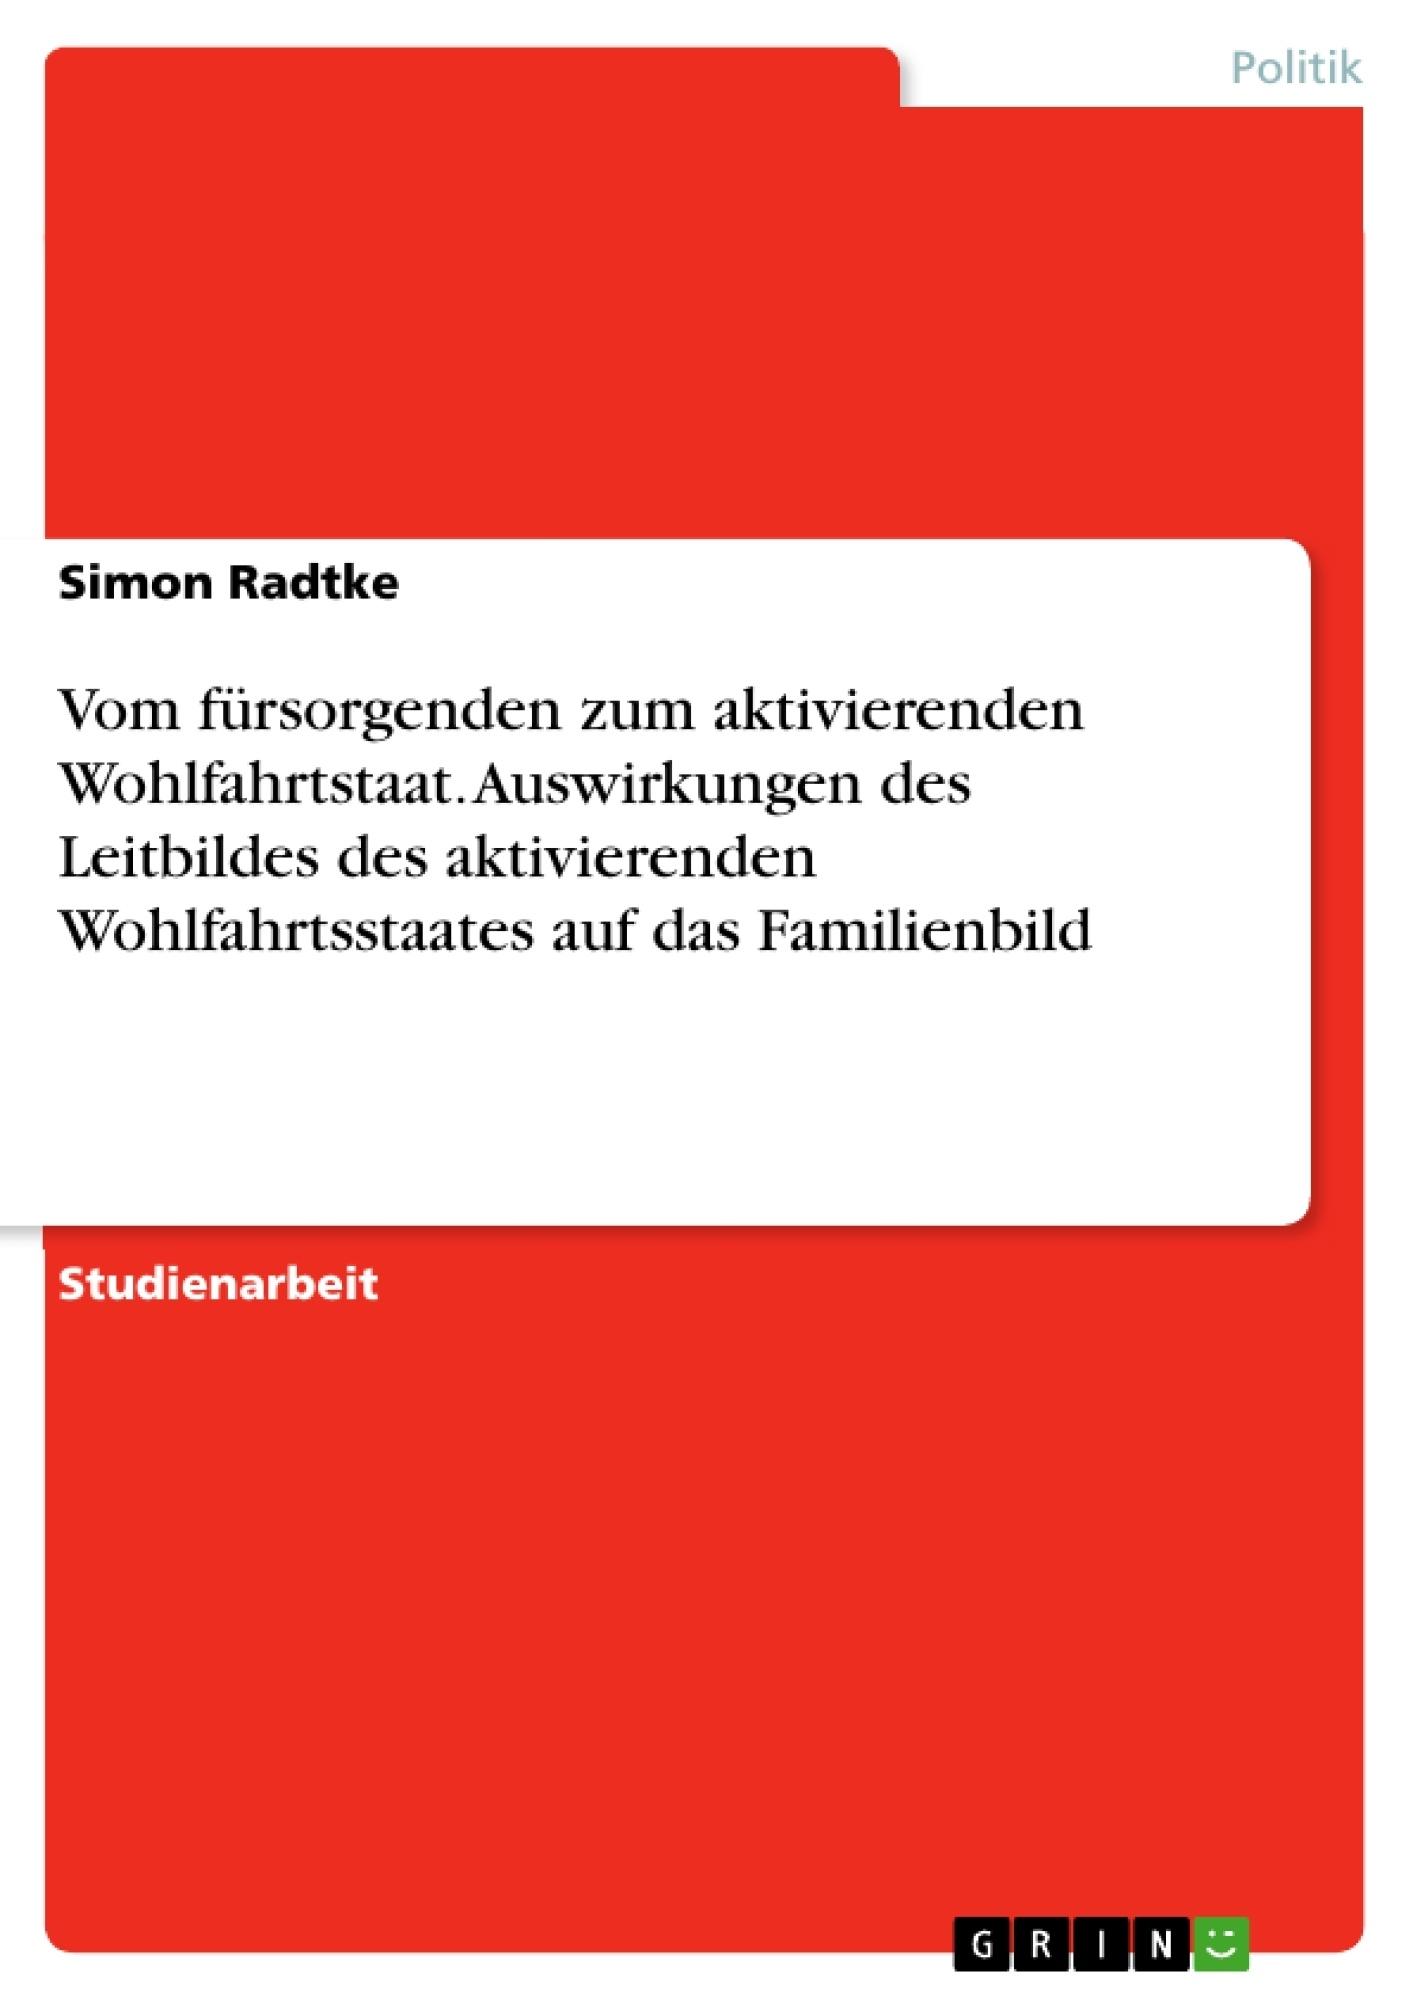 Titel: Vom fürsorgenden zum aktivierenden Wohlfahrtstaat. Auswirkungen des Leitbildes des aktivierenden Wohlfahrtsstaates auf das Familienbild